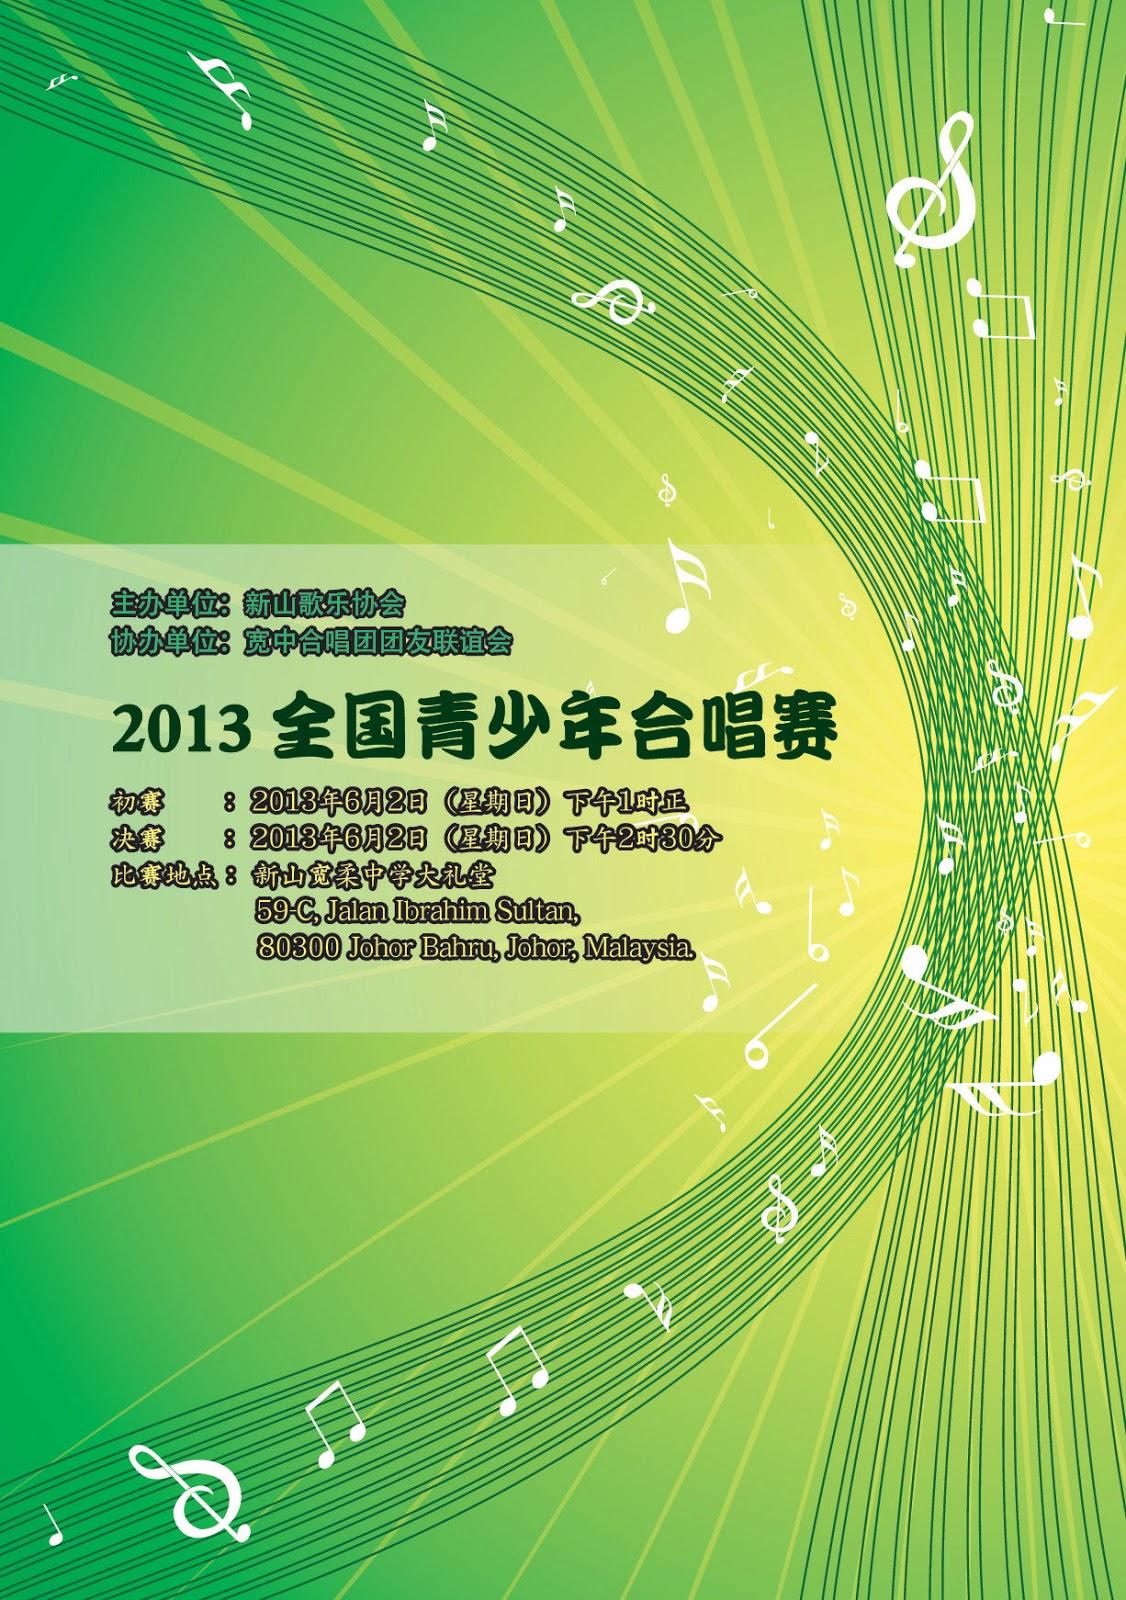 宽中合唱团 Foon Yew Choir: 五月 2013